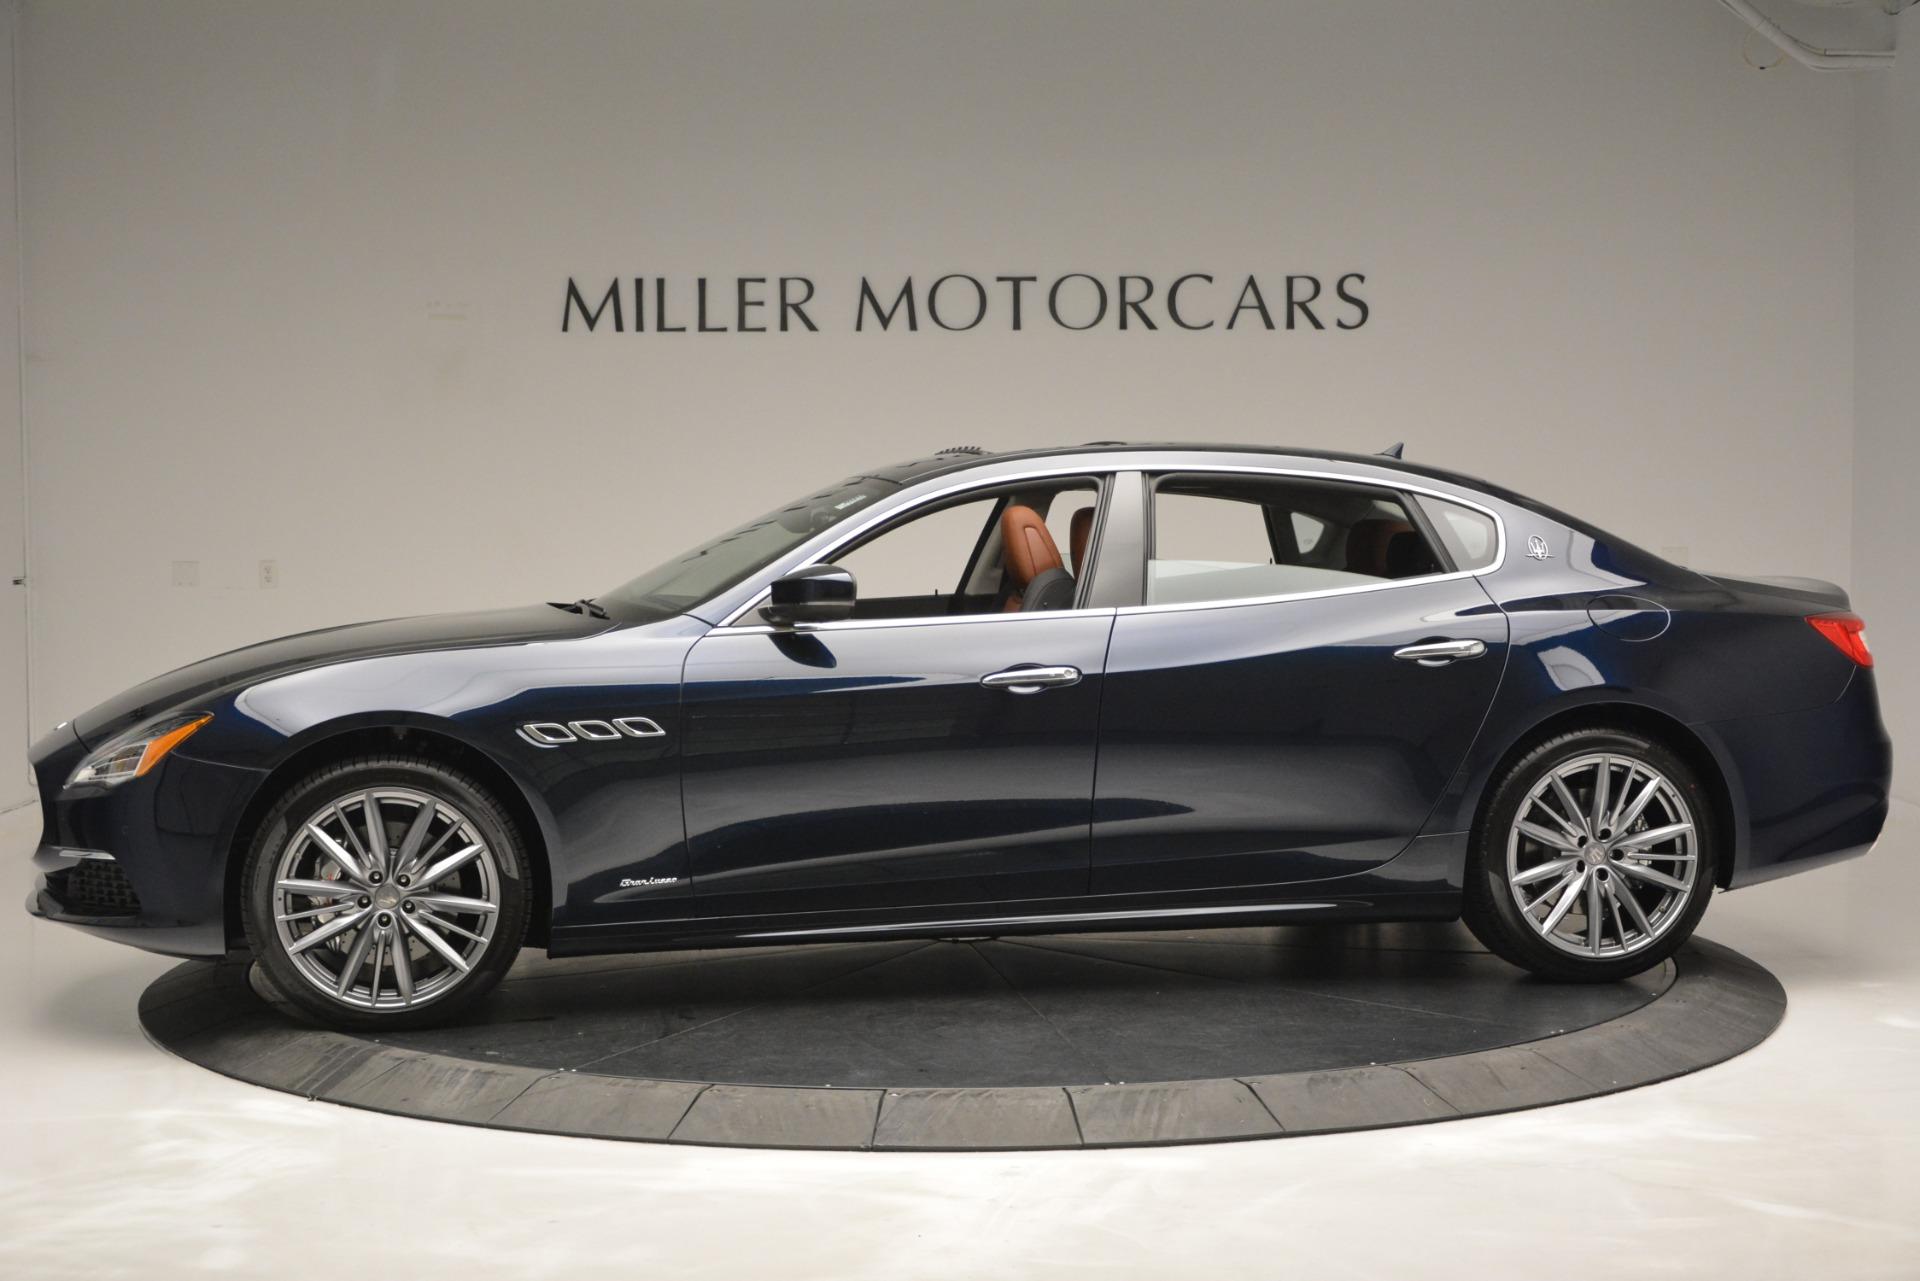 New-2019-Maserati-Quattroporte-S-Q4-GranLusso-Edizione-Nobile